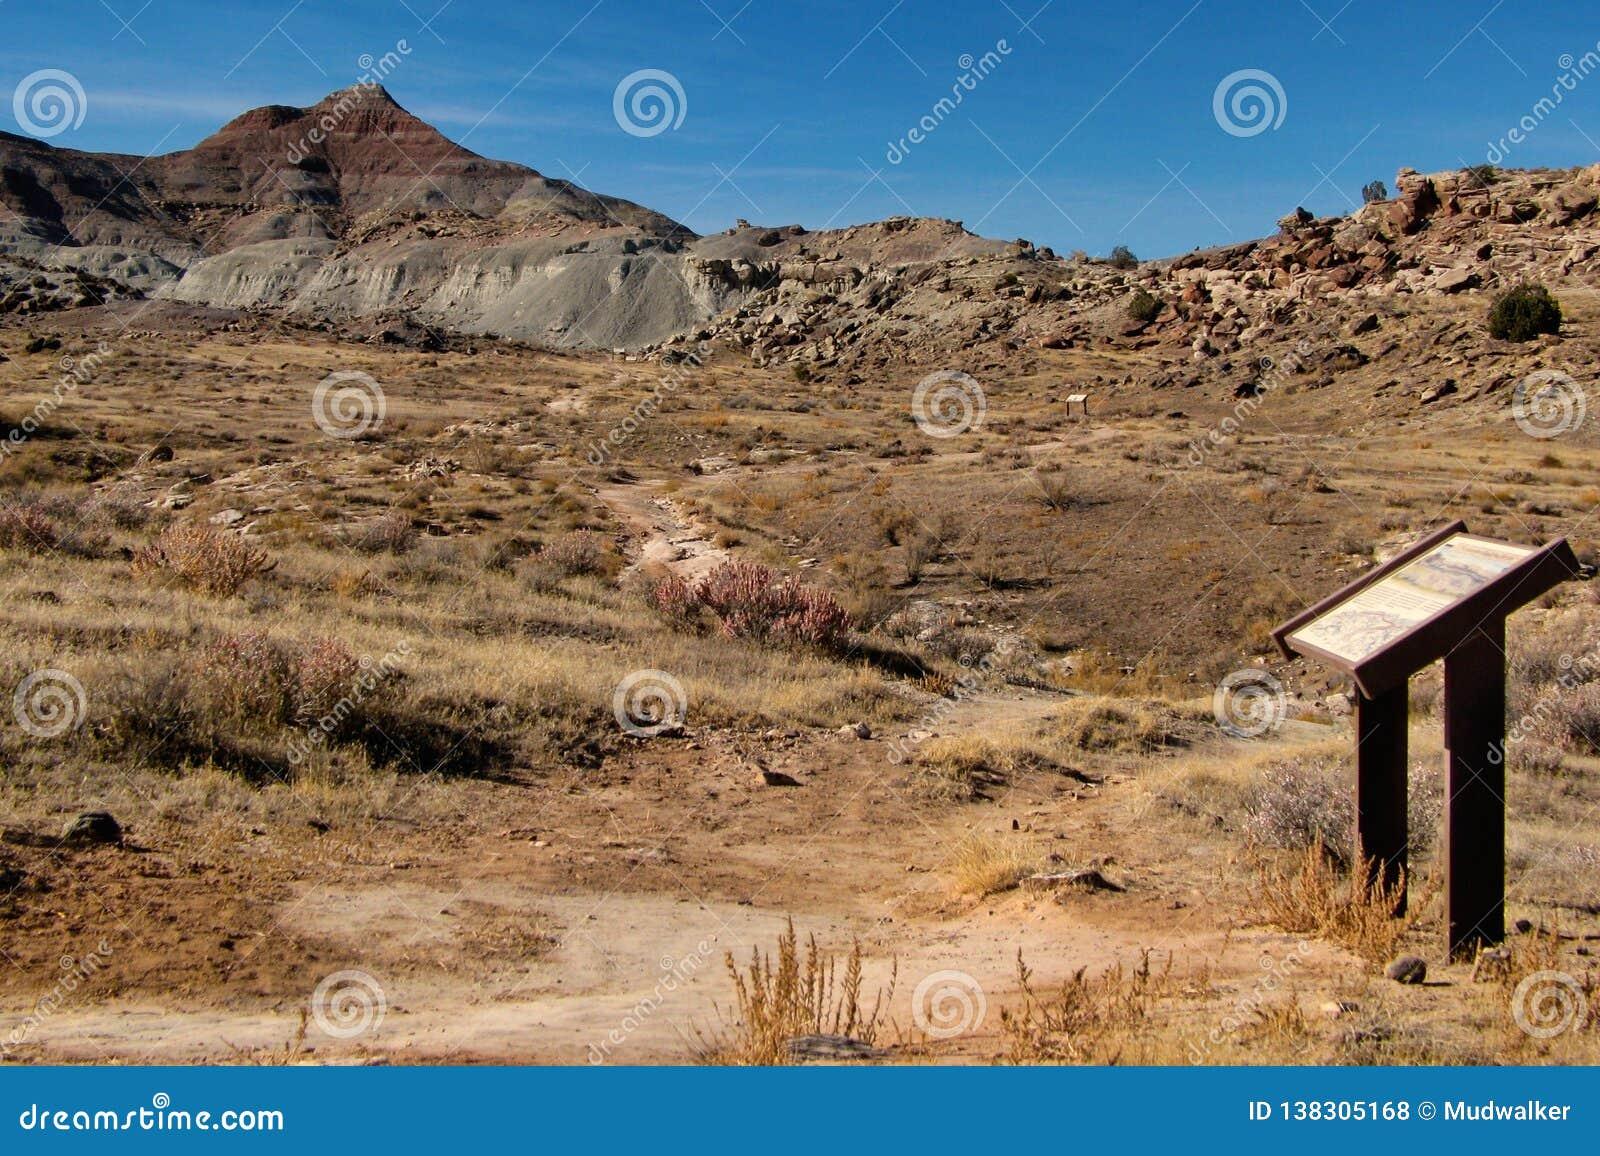 Paleontological περιοχή ανασκαφής στο Κολοράντο